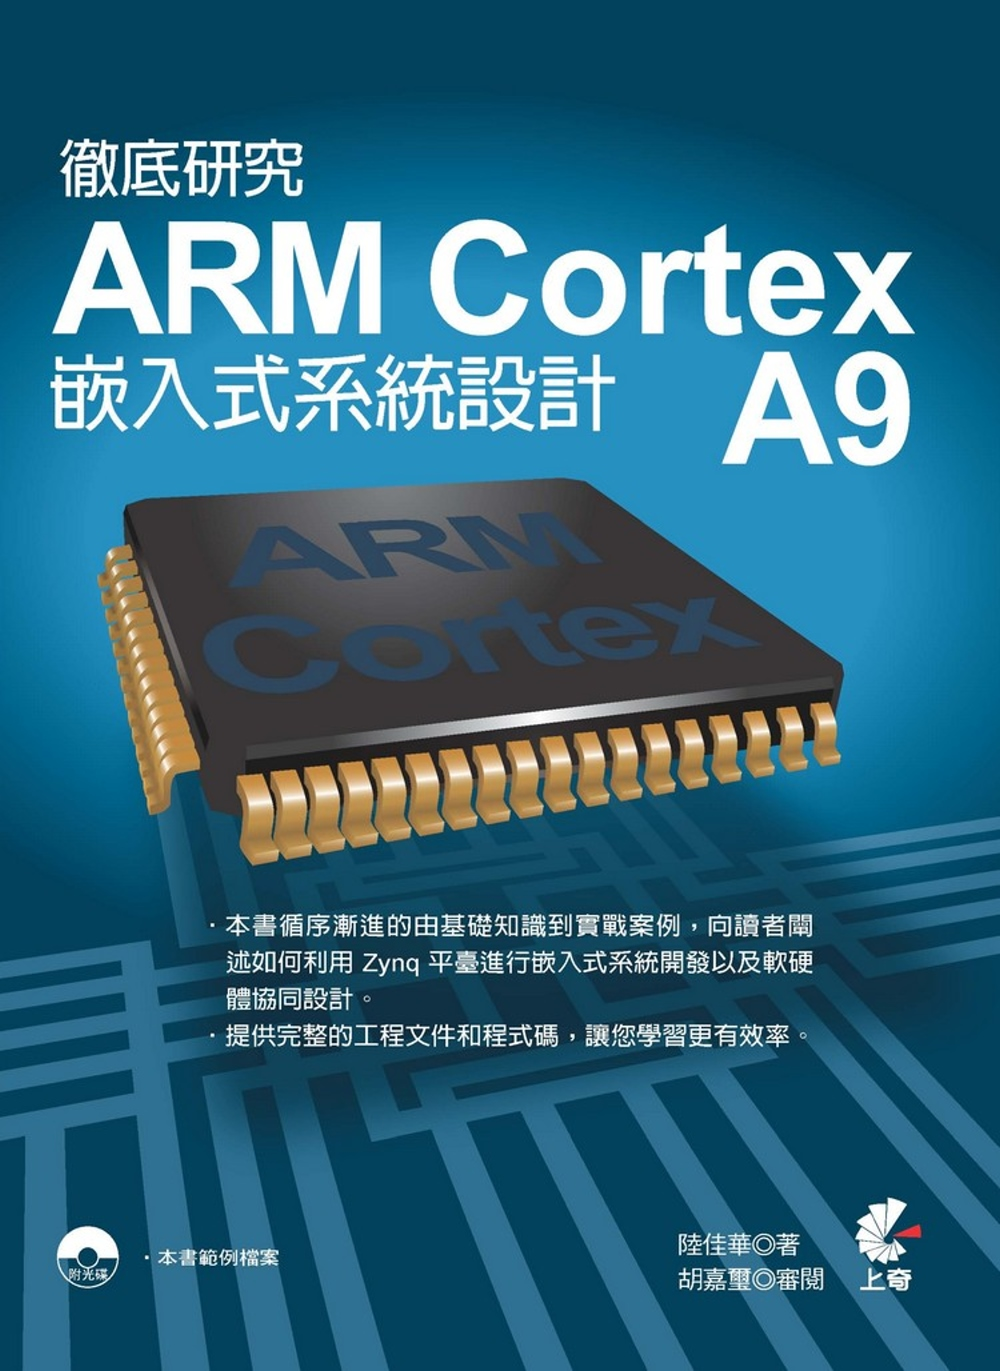 徹底研究 ARM Cortex A9 嵌入式系統設計